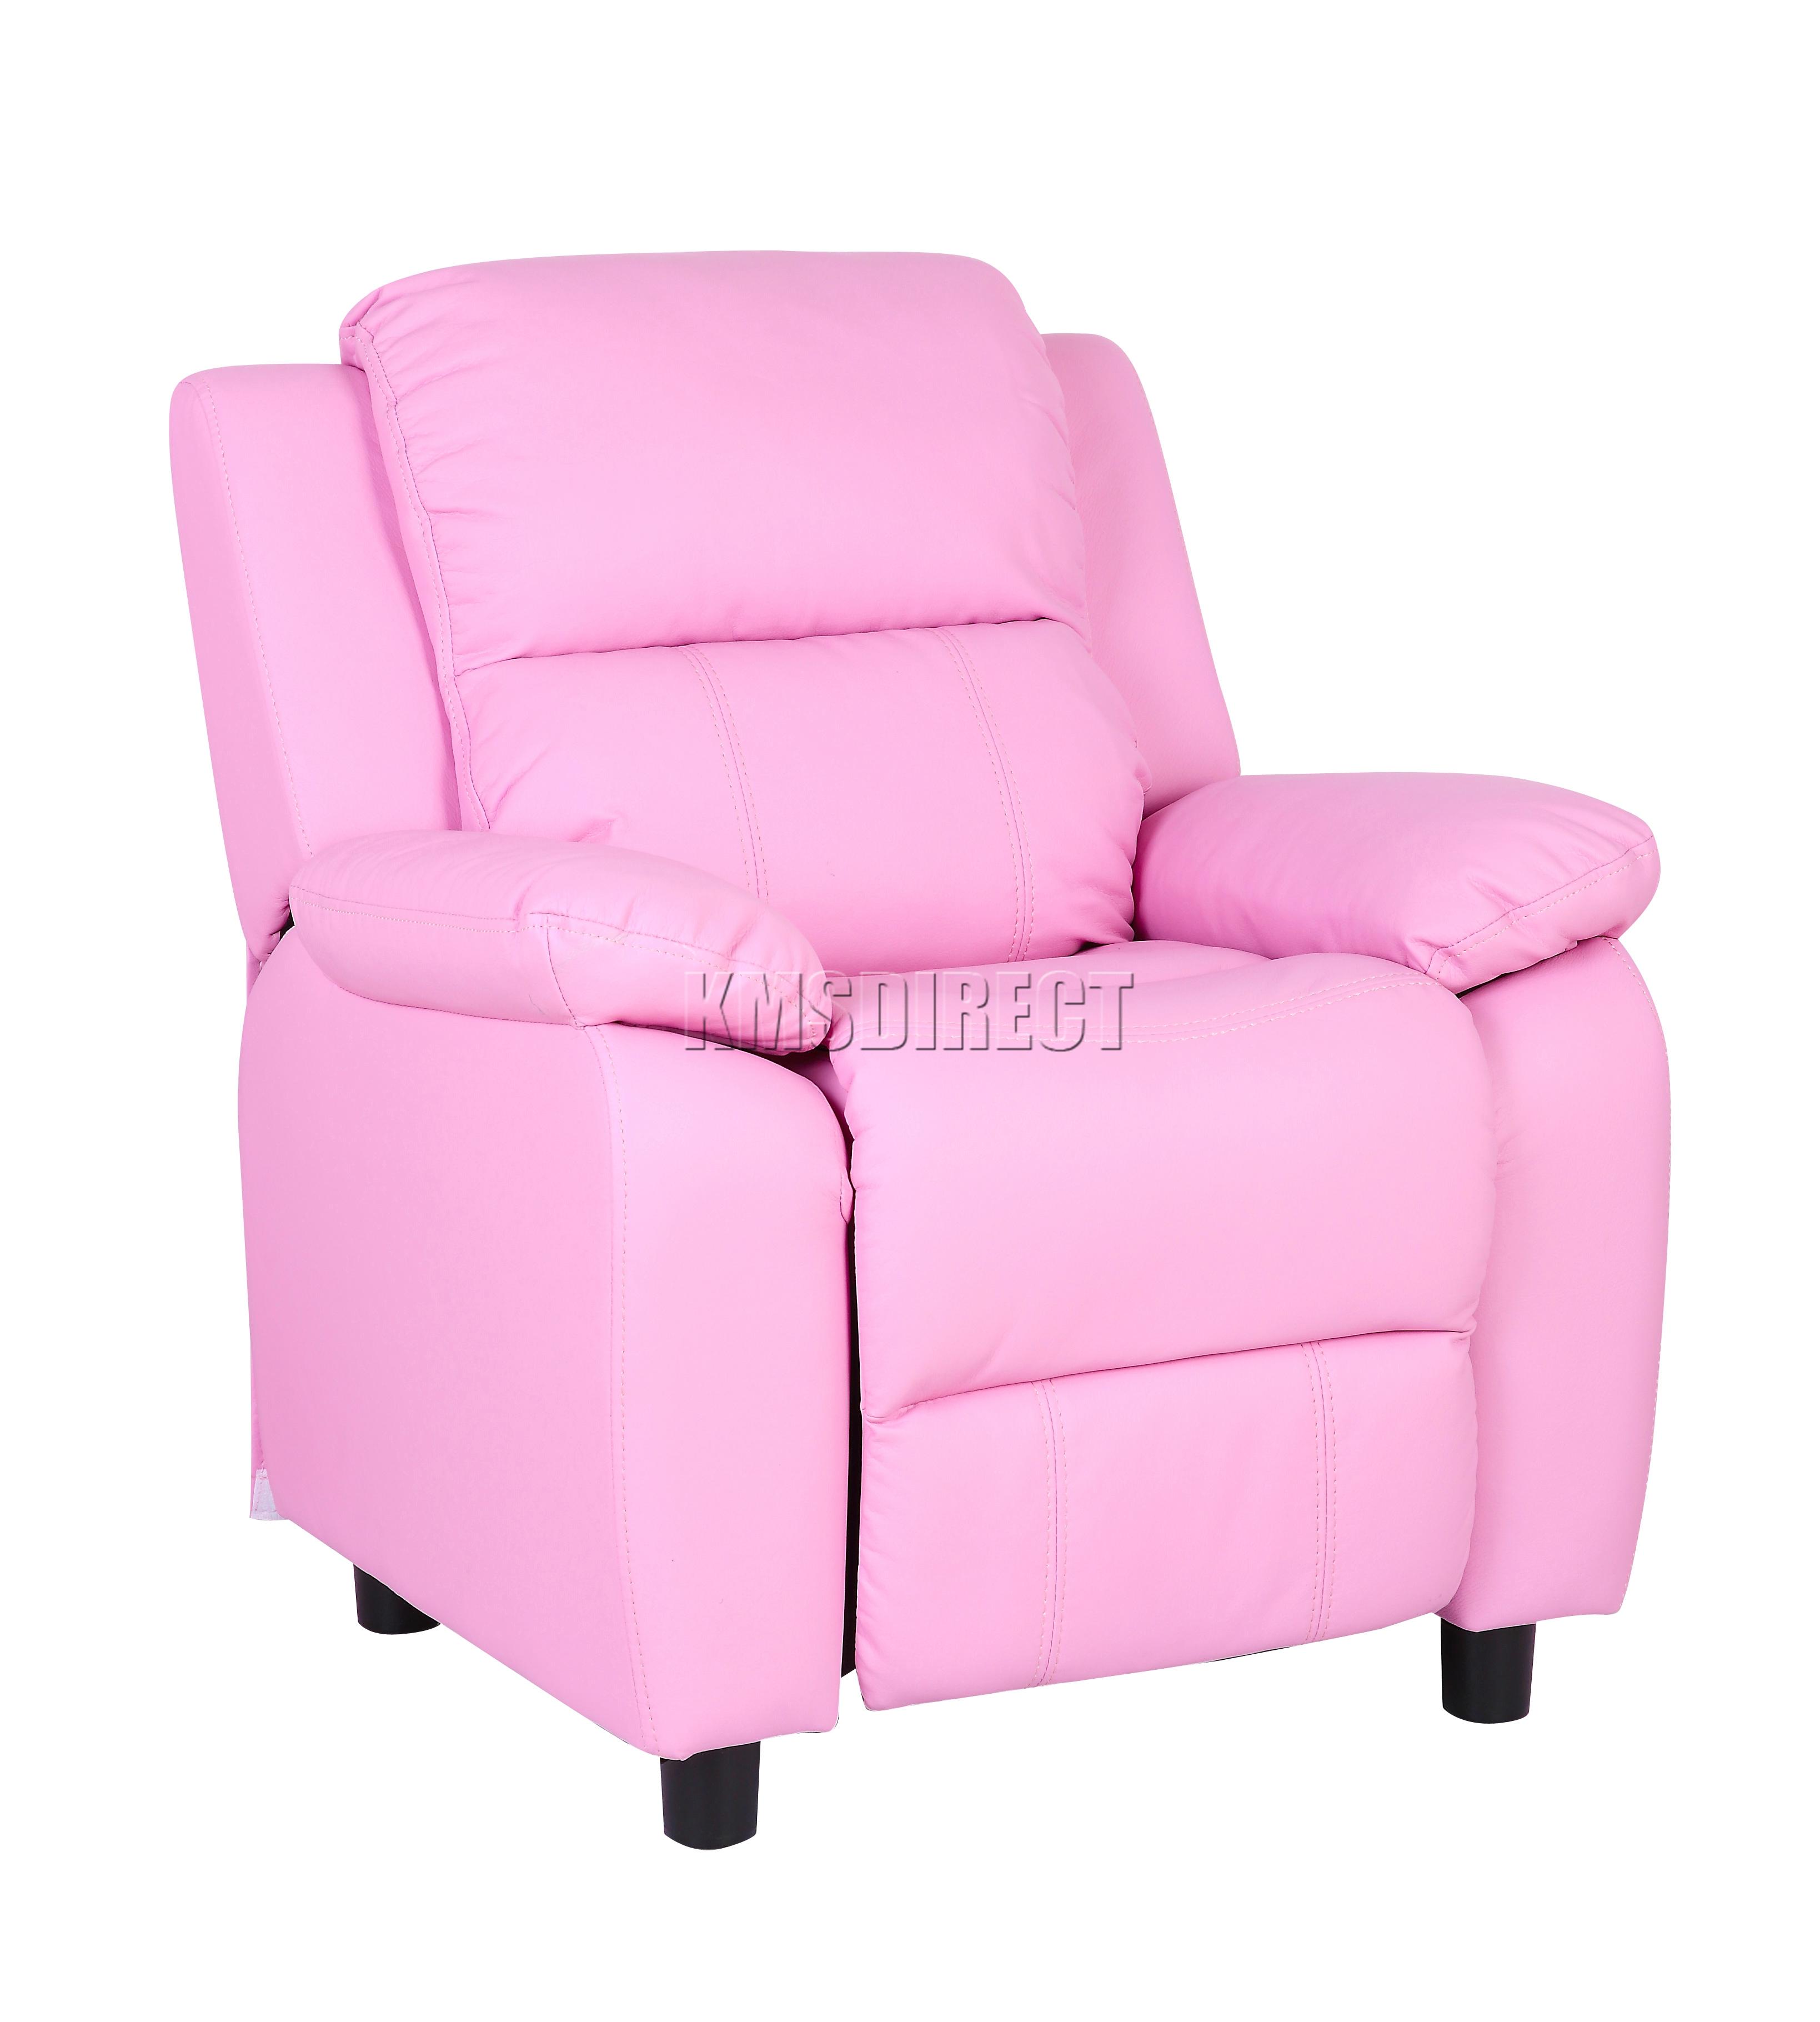 Riparo bambini poltrona reclinabile giochi sedia divano for Poltrona bambini